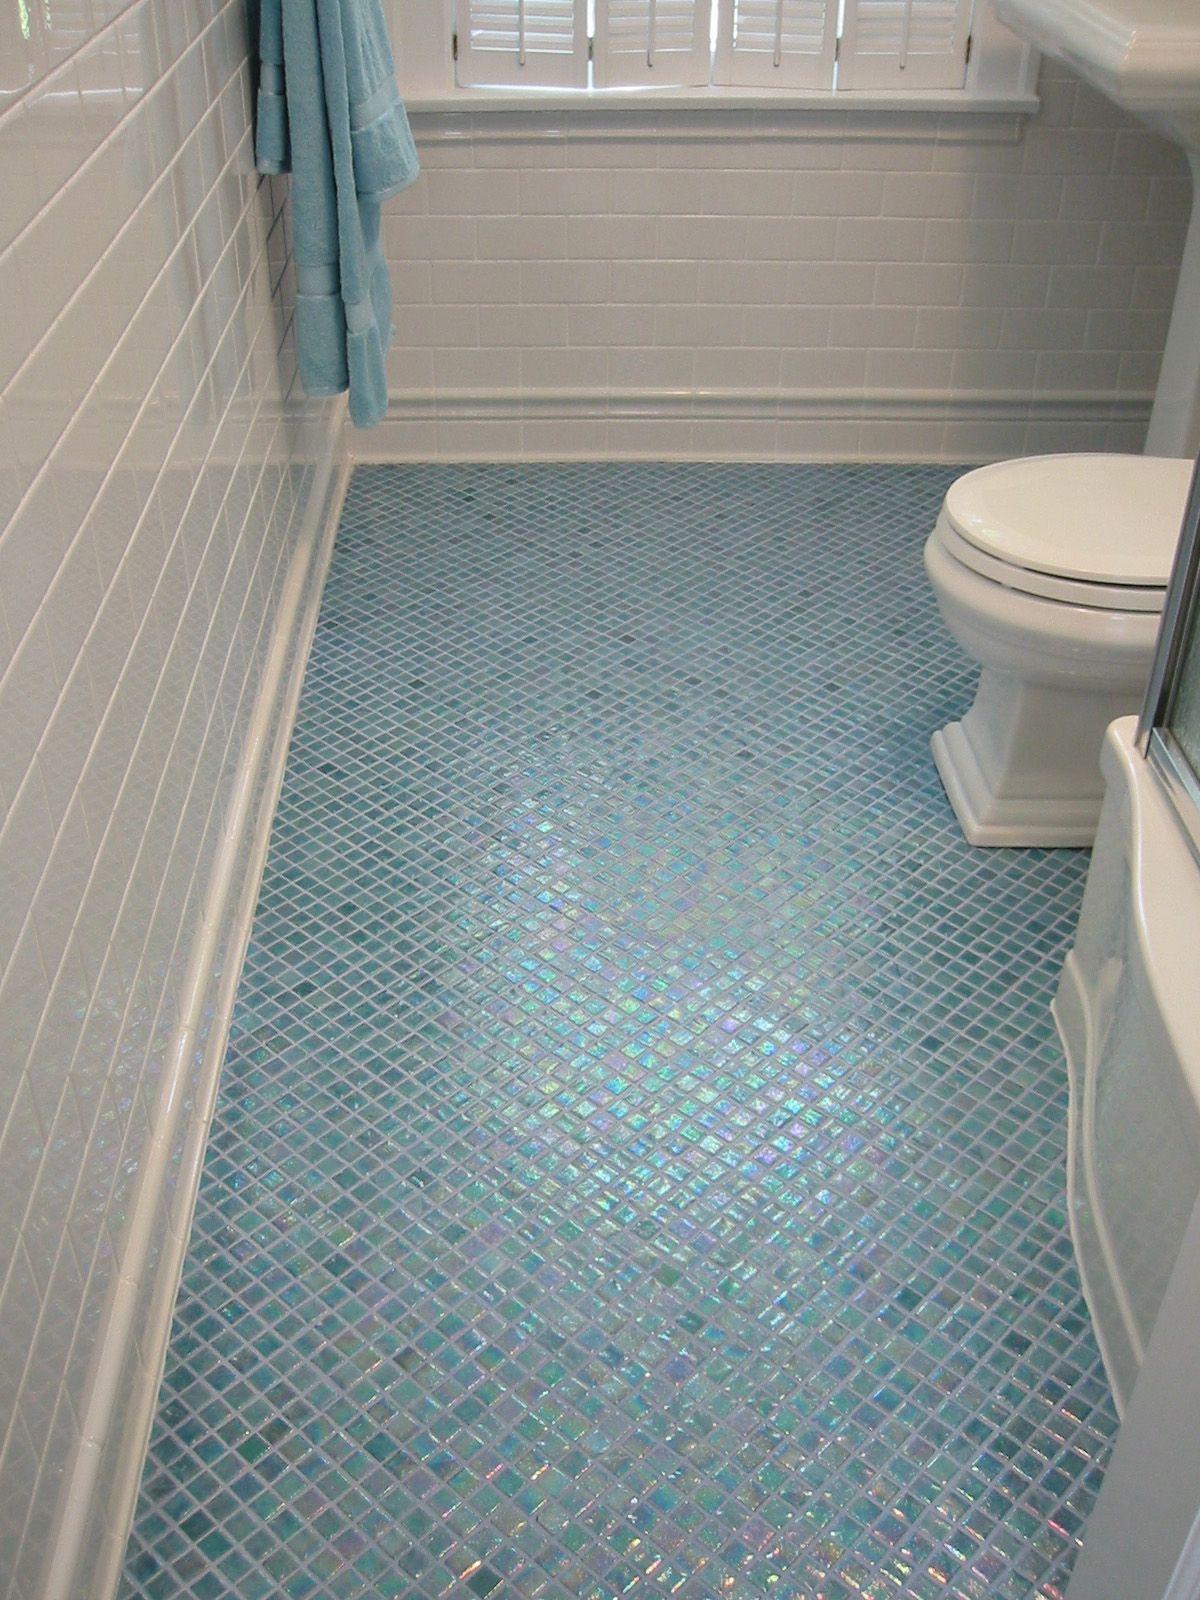 1930s Bathroom Floor Tiles Car Design Today